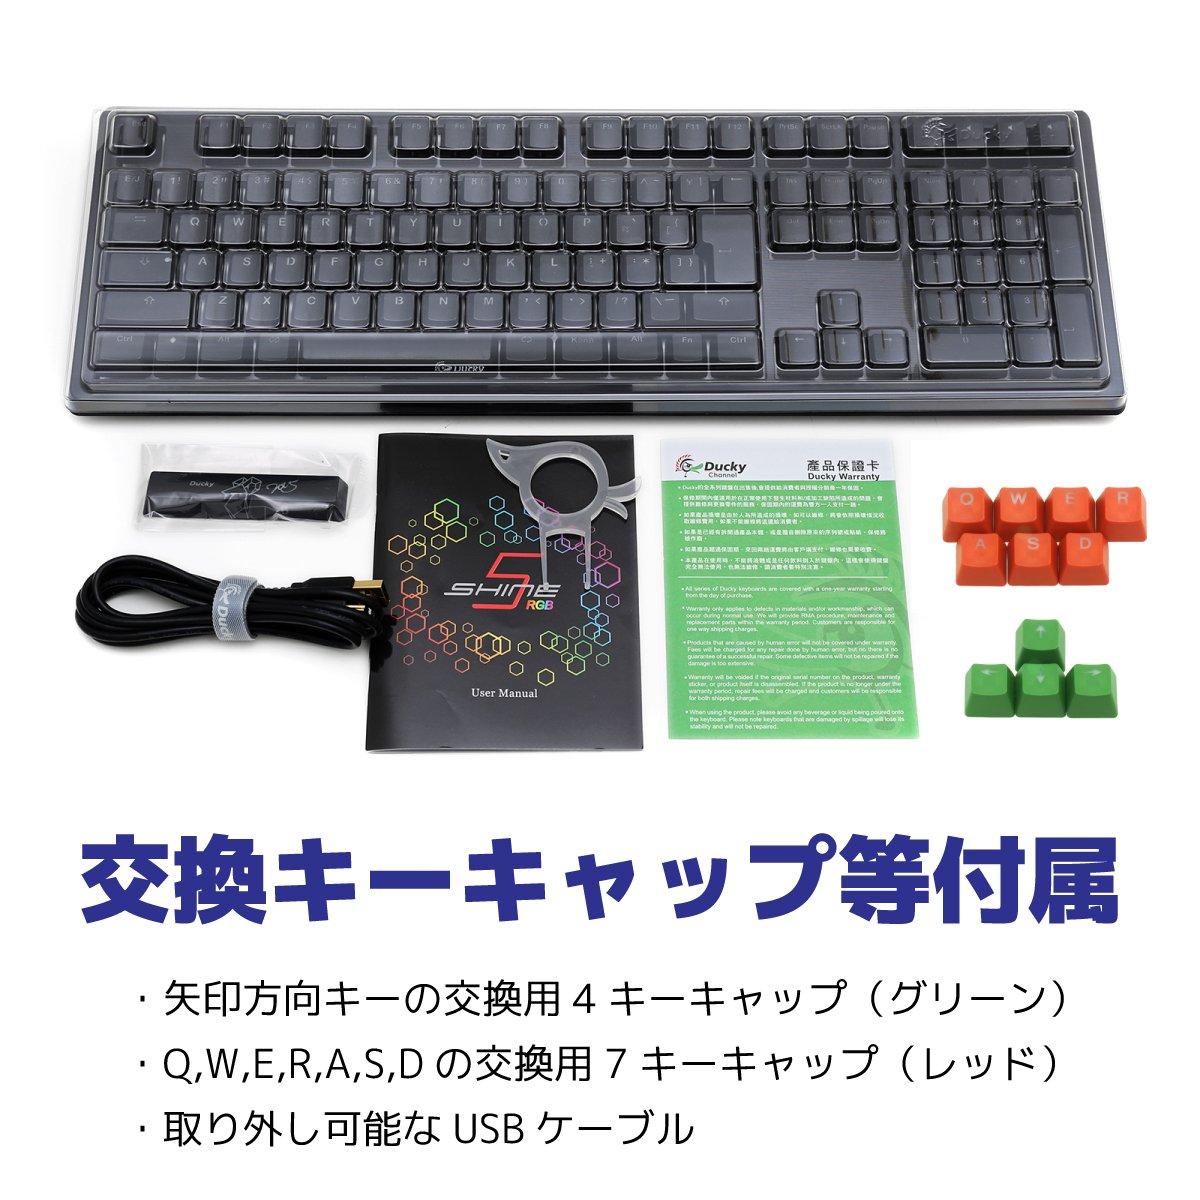 https://images-na.ssl-images-amazon.com/images/I/71bfWyXUNvL._SL1200_.jpg